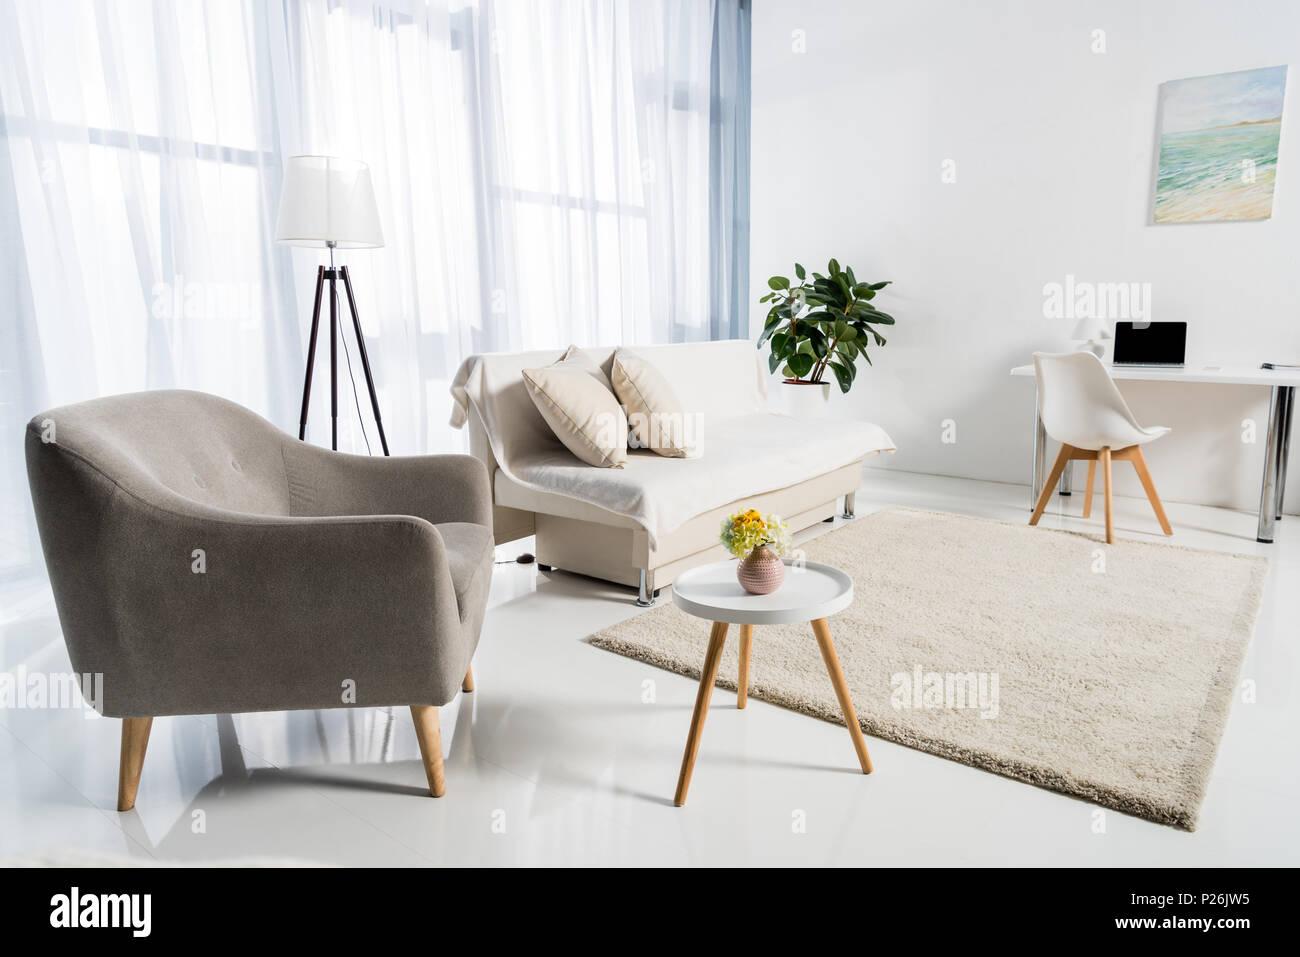 Gemutliches Wohnzimmer Einrichtung In Pastelltonen Dekoriert